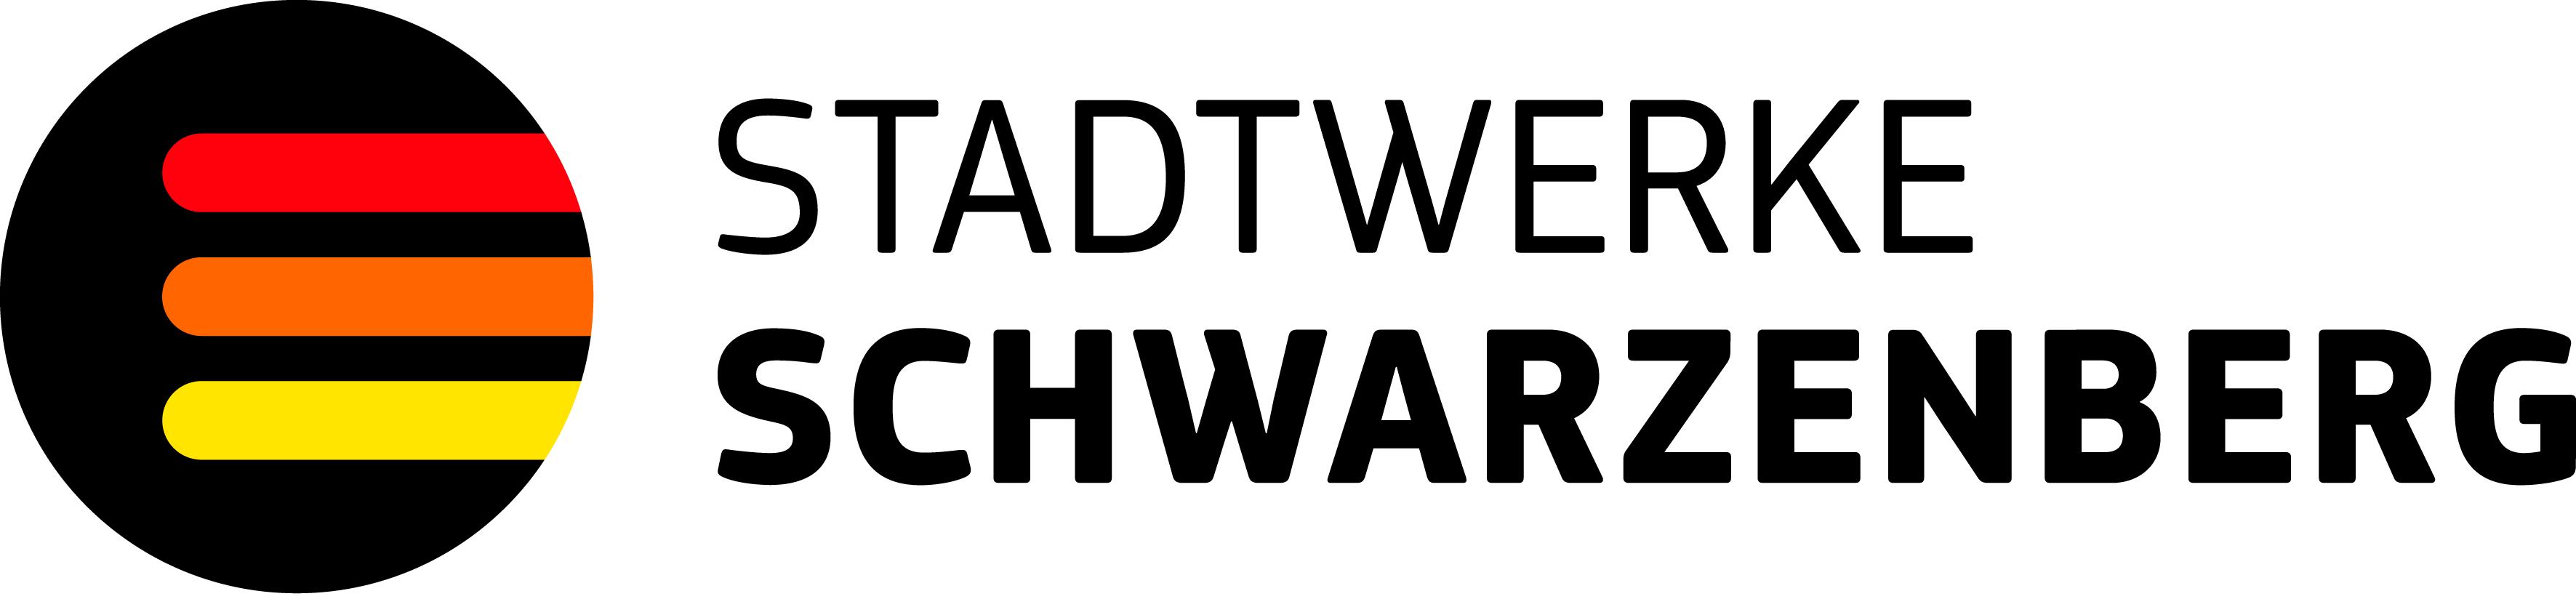 Sponsor: Stadtwerke Schwarzenberg